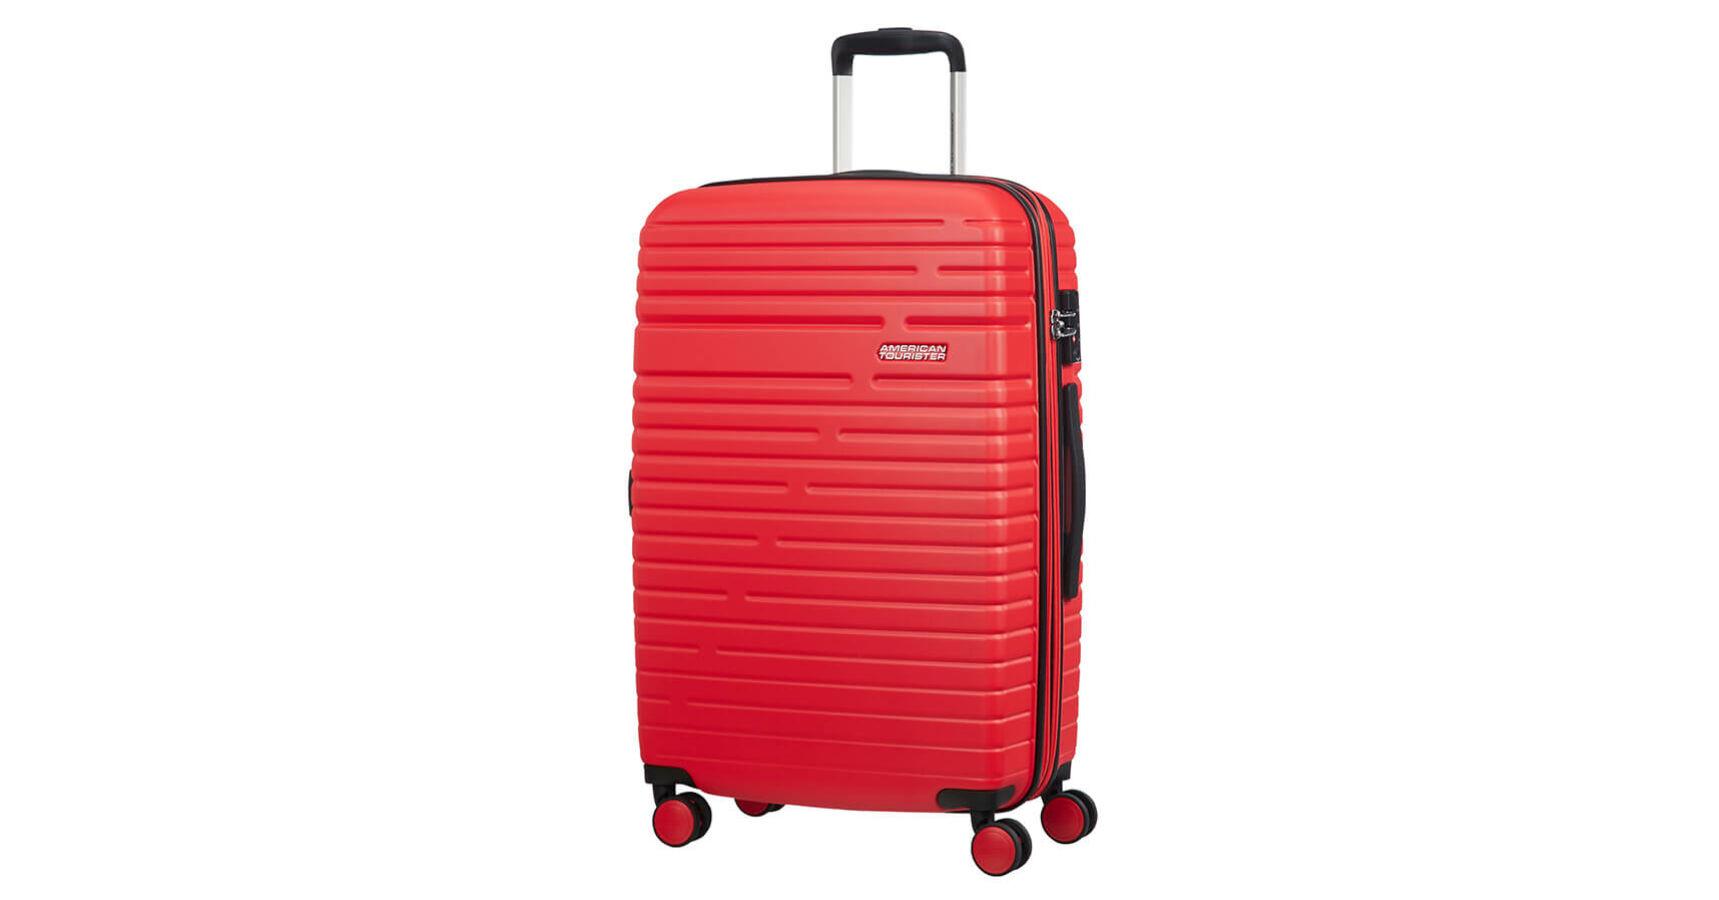 7cfaafdad543 American Tourister AERO RACER Bővíthető Spinner bőrönd 68 cm - Kemény bőrönd  - Etáska - minőségi táska webáruház hatalmas választékkal